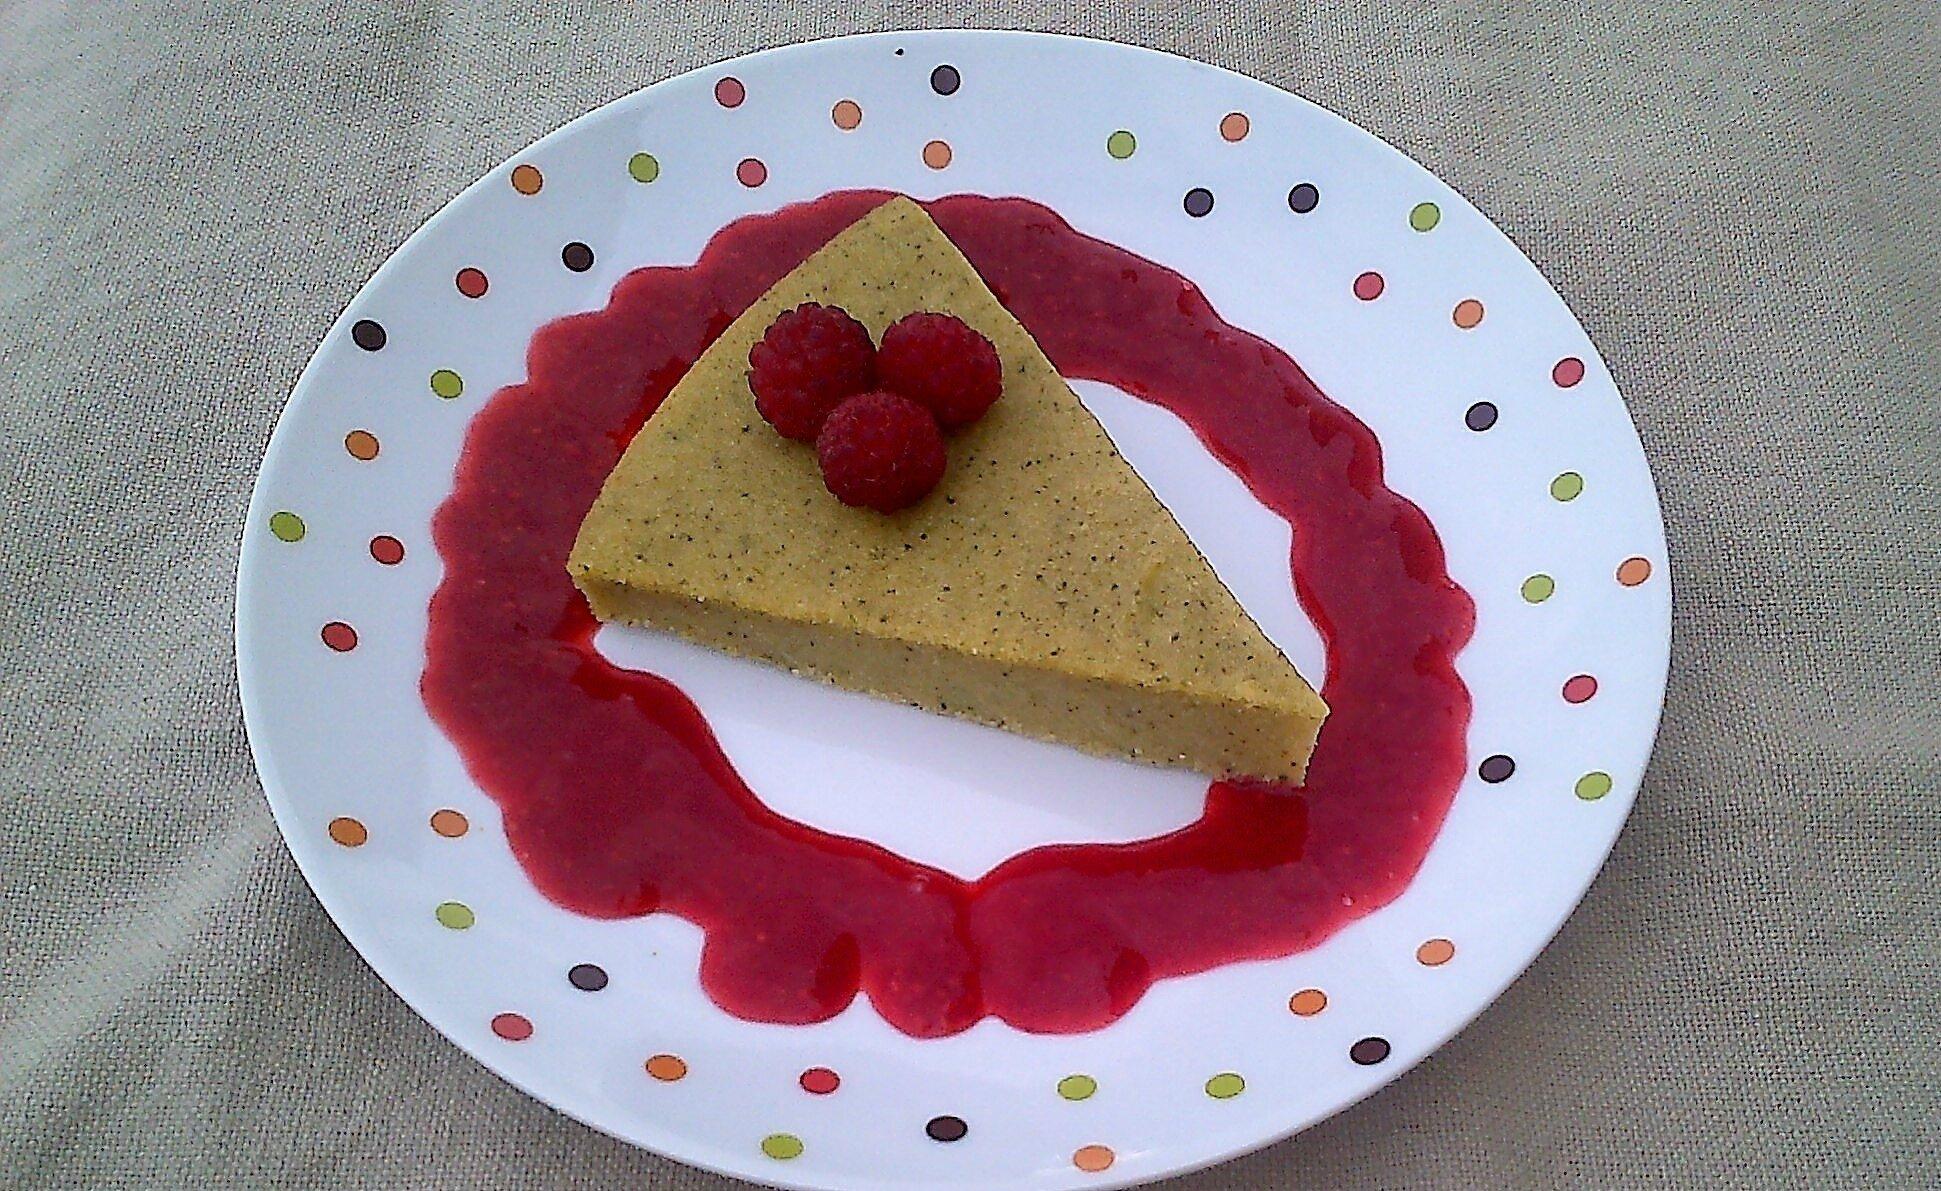 Gâteau sucré à la Courgette & Farine de Maïs au Coulis de Framboises